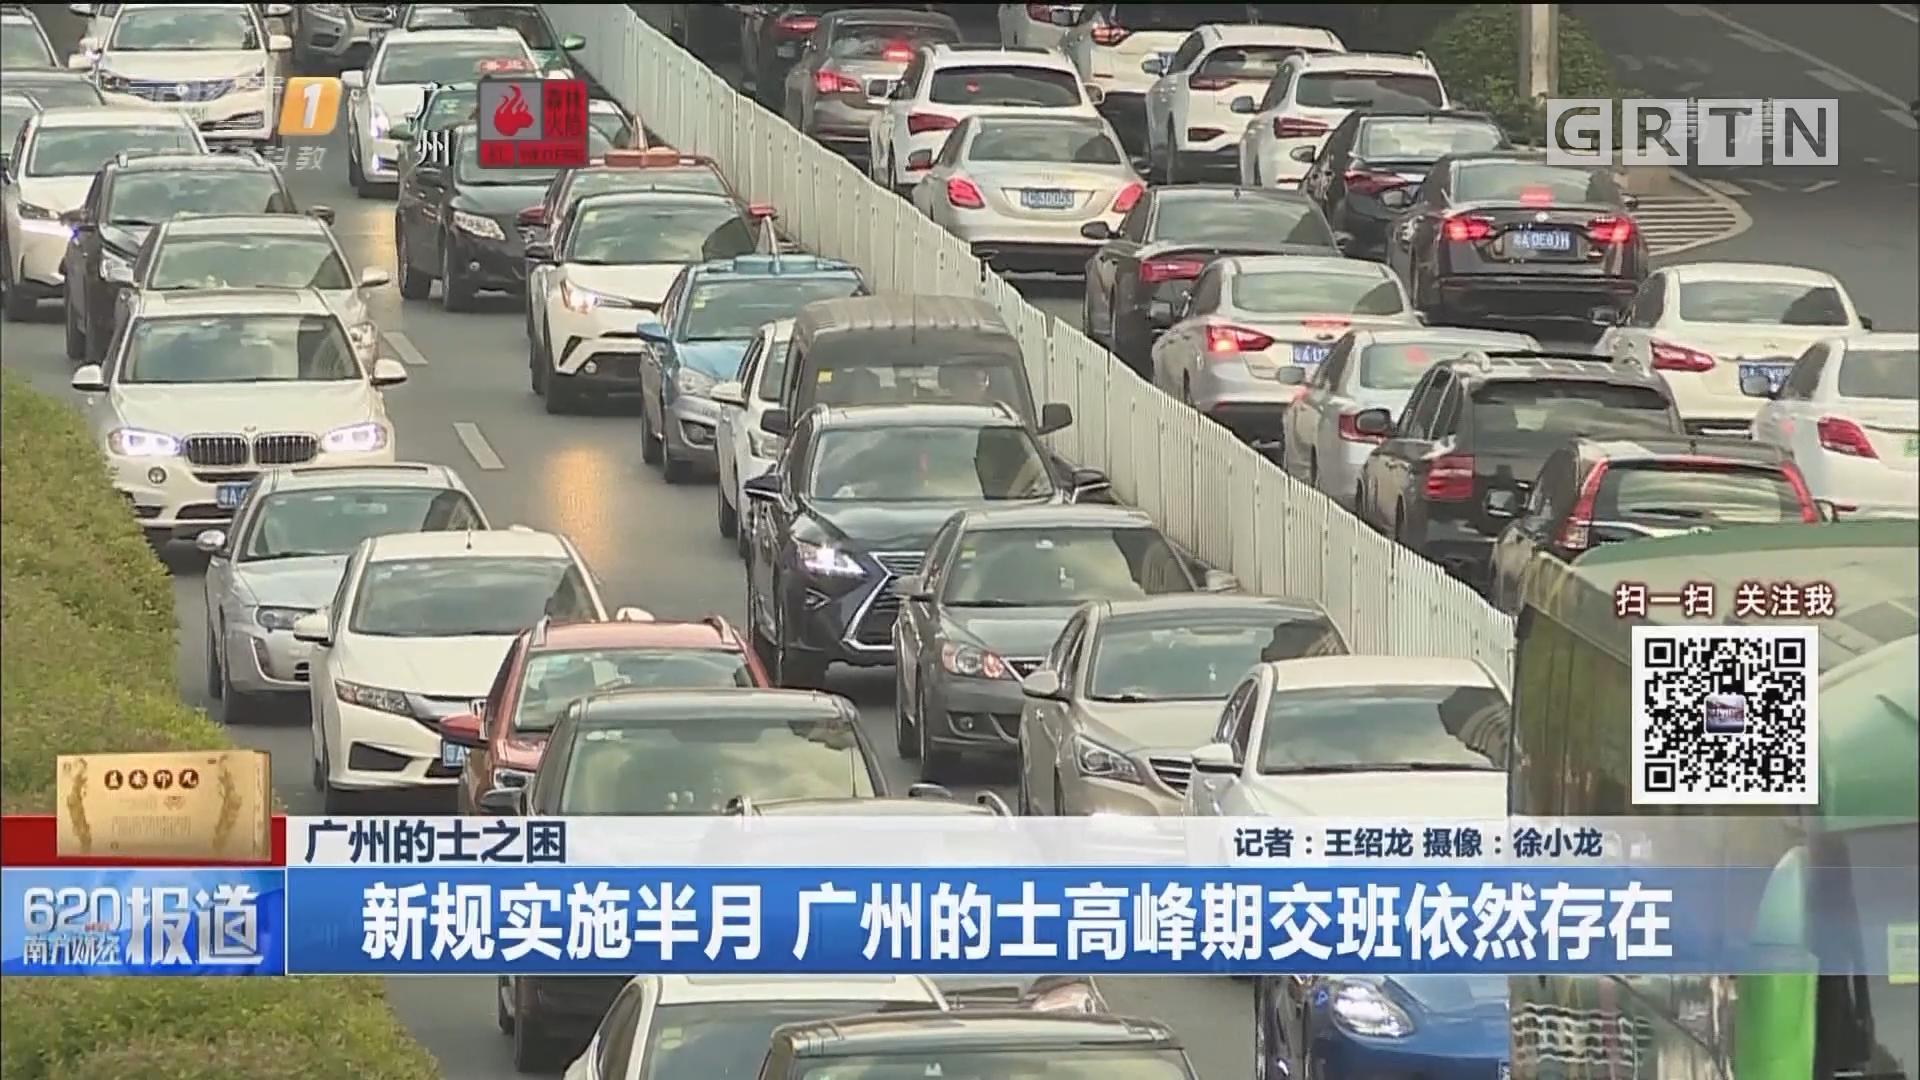 广州的士之困 新规实施半月 广州的士高峰期交班依然存在